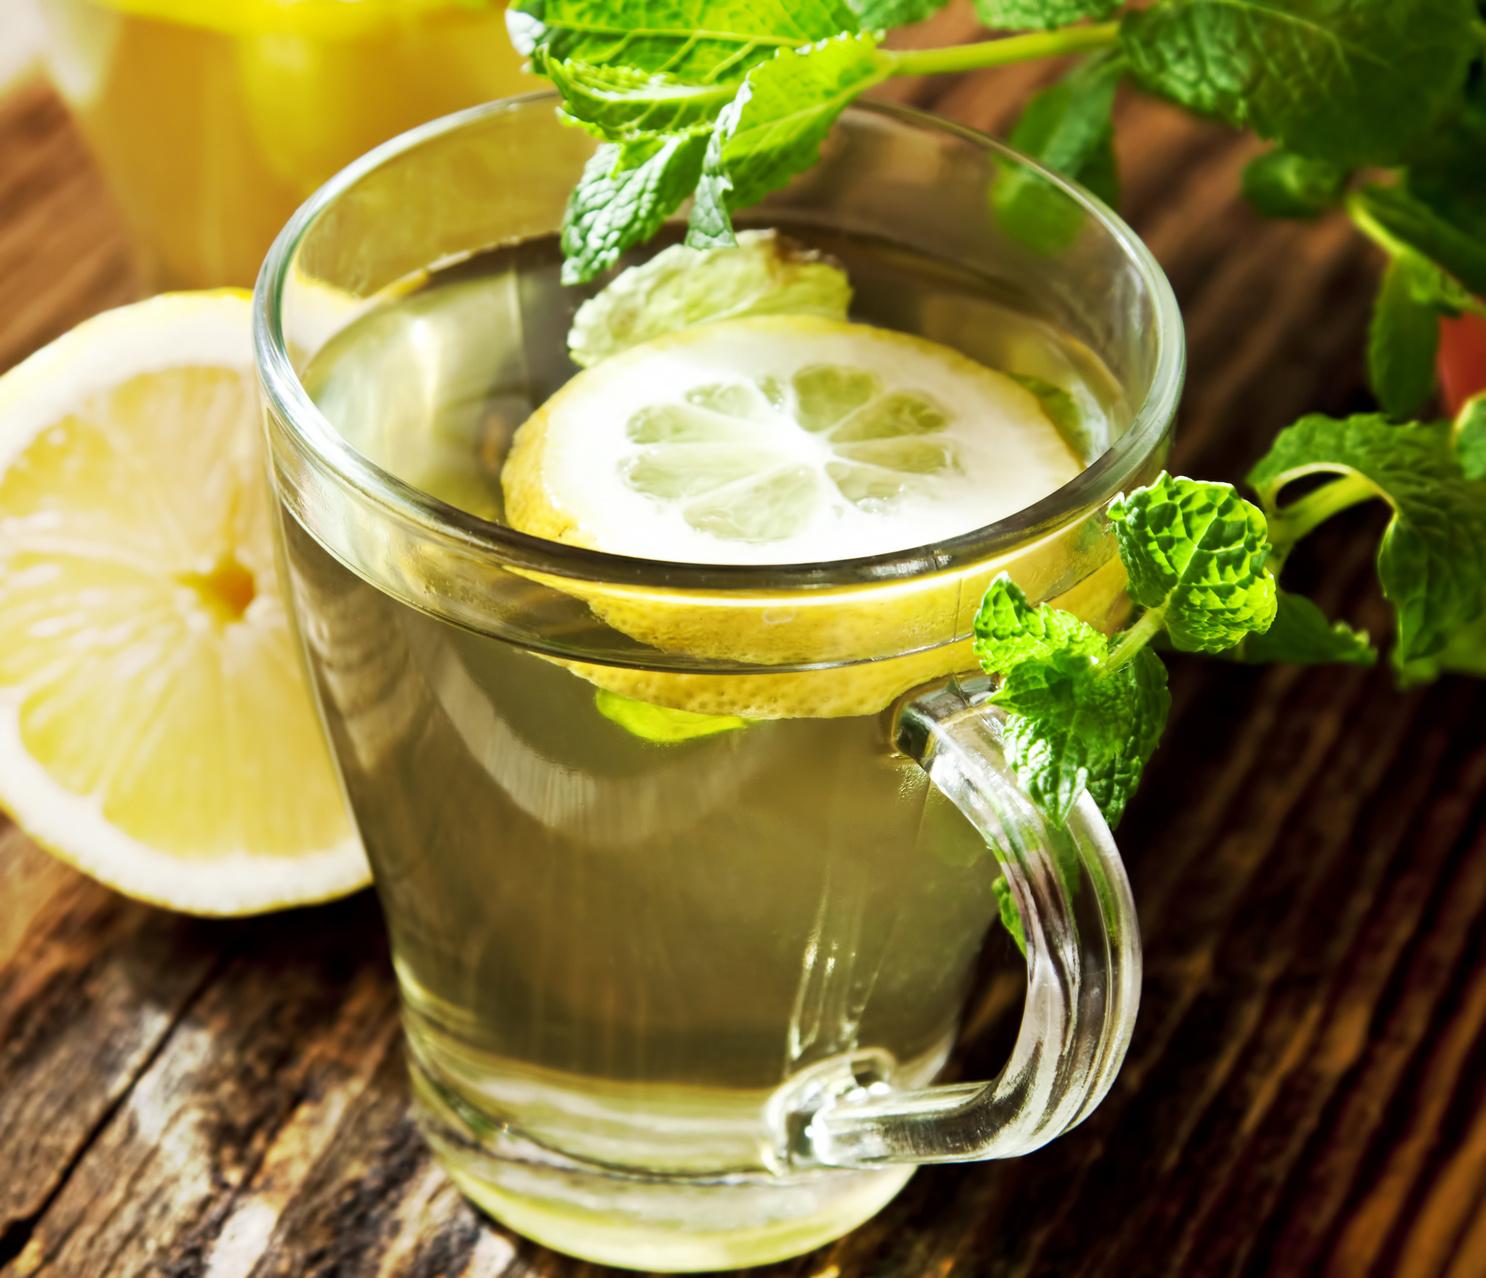 فوائد شرب الماء الدافئ مع الليمون على معدة فارغة